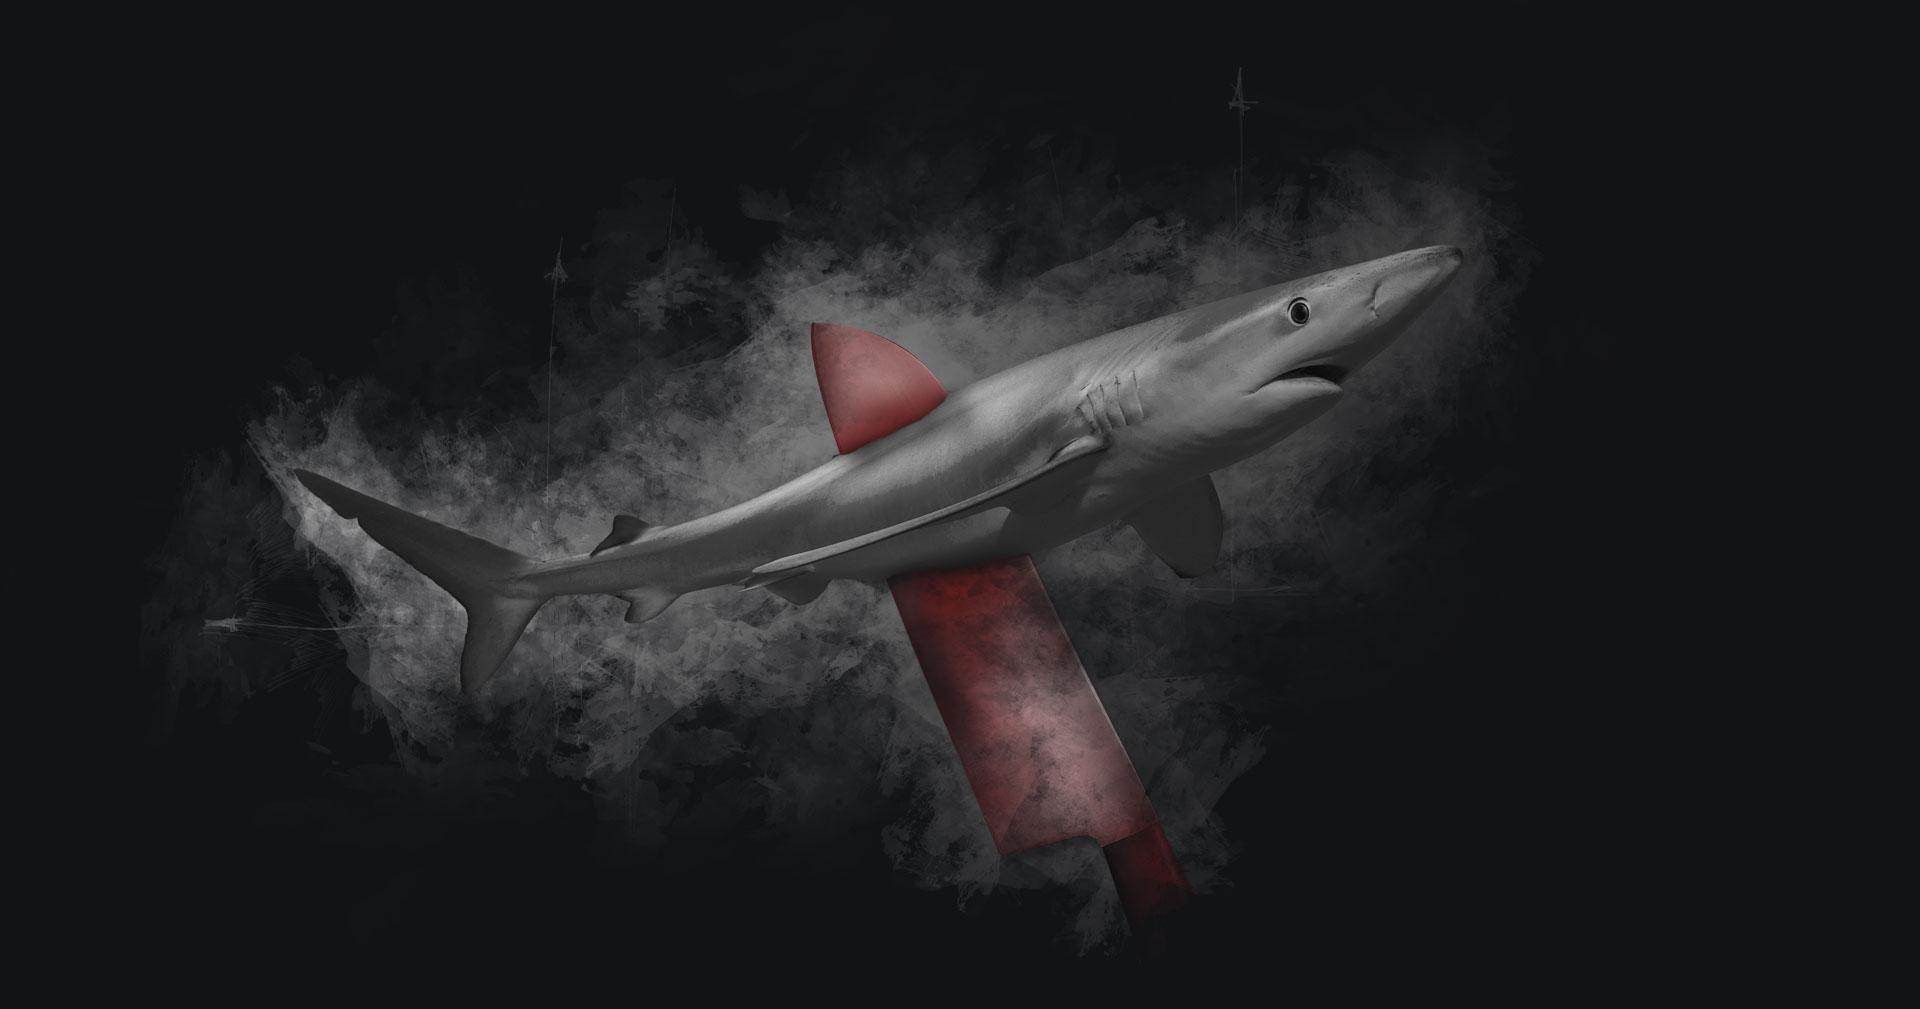 Dekoratives Bild: Blauhai auf Messer aufgespießt